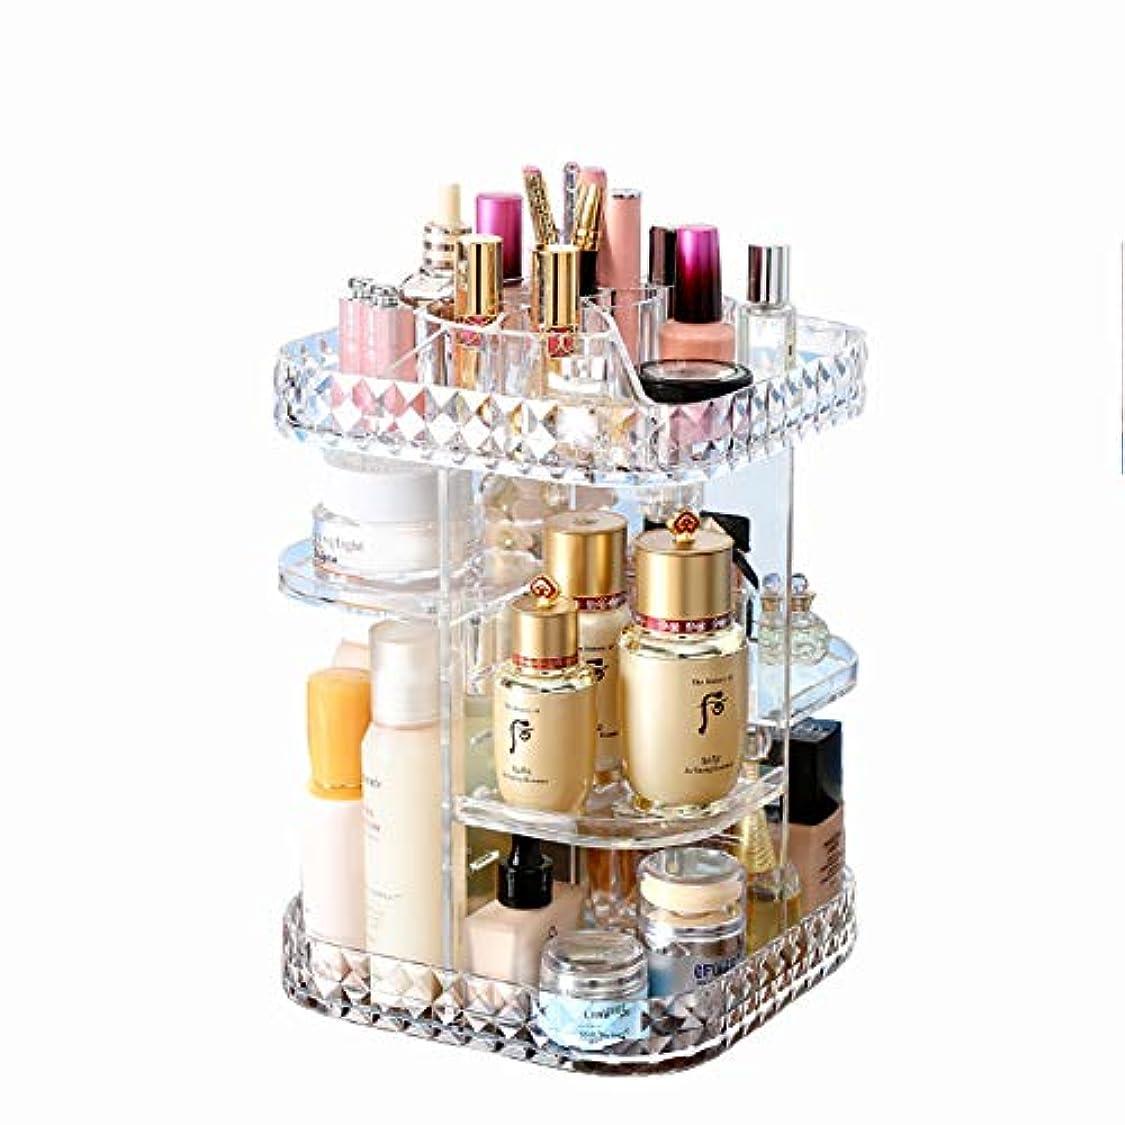 病なきれいにシュリンク化粧品収納ボックス 360℃回転式 高さ調節可能 高品質 超大容量メイクタワー 透明アクリル製 ダイヤモンドパターン